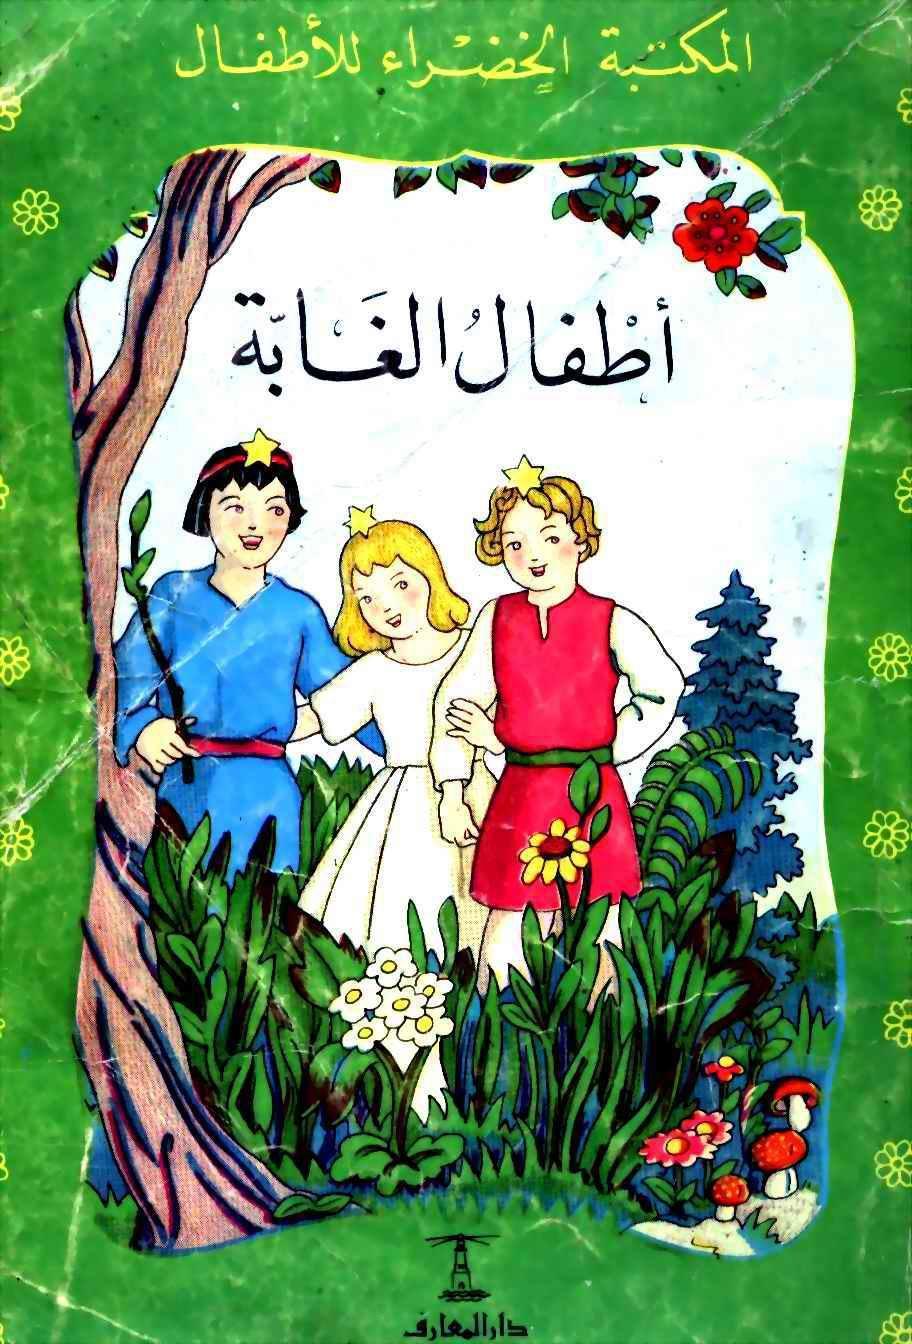 كتاب عرب 100 pdf